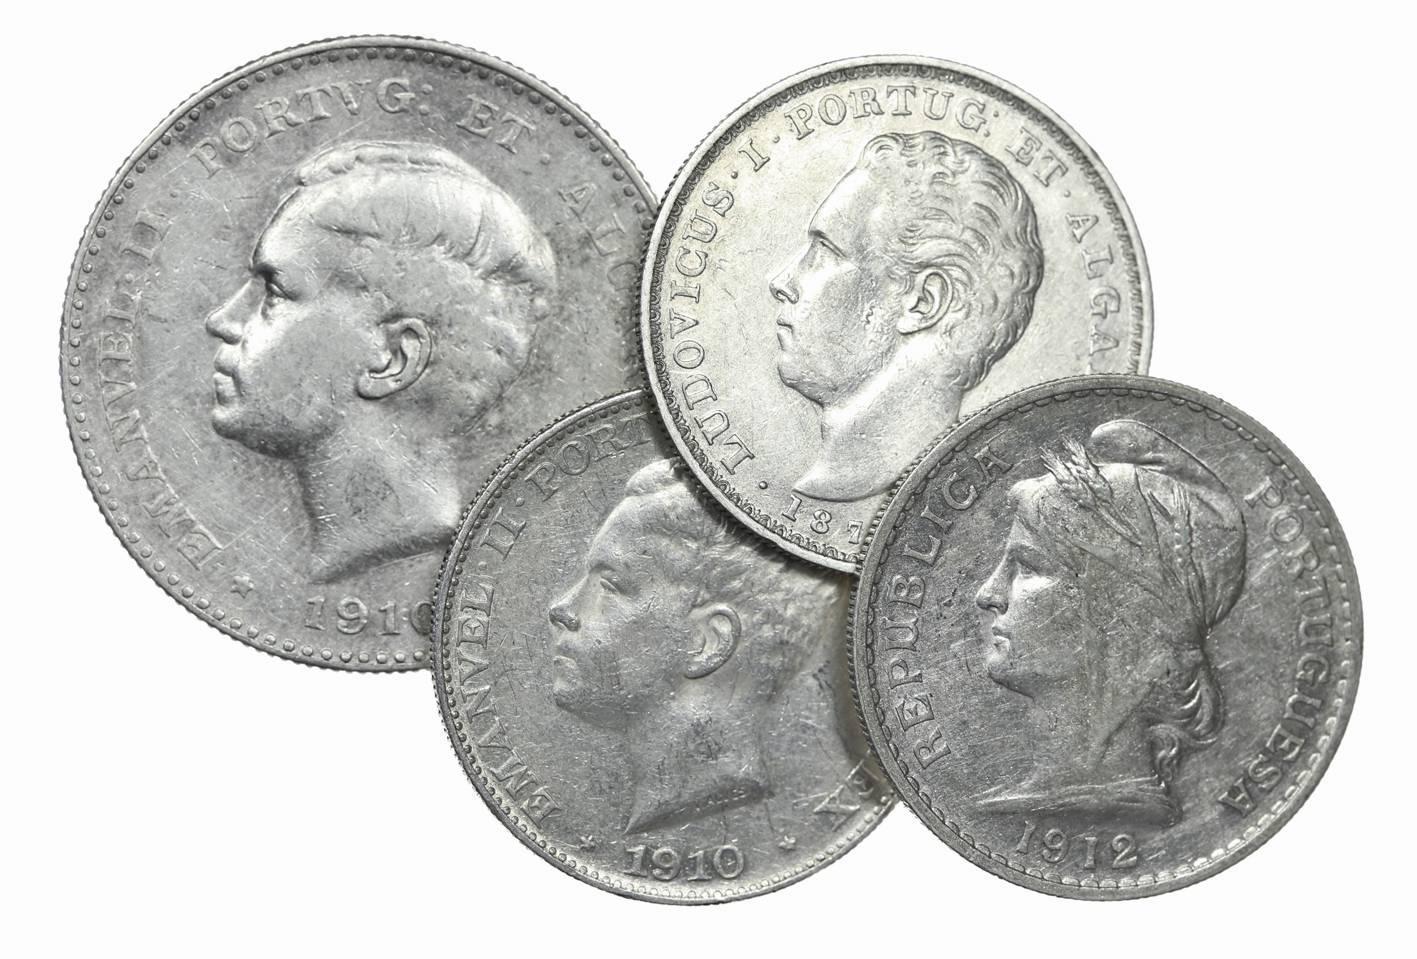 Numisbids Numismática Leilões Auction 10 Lot 562